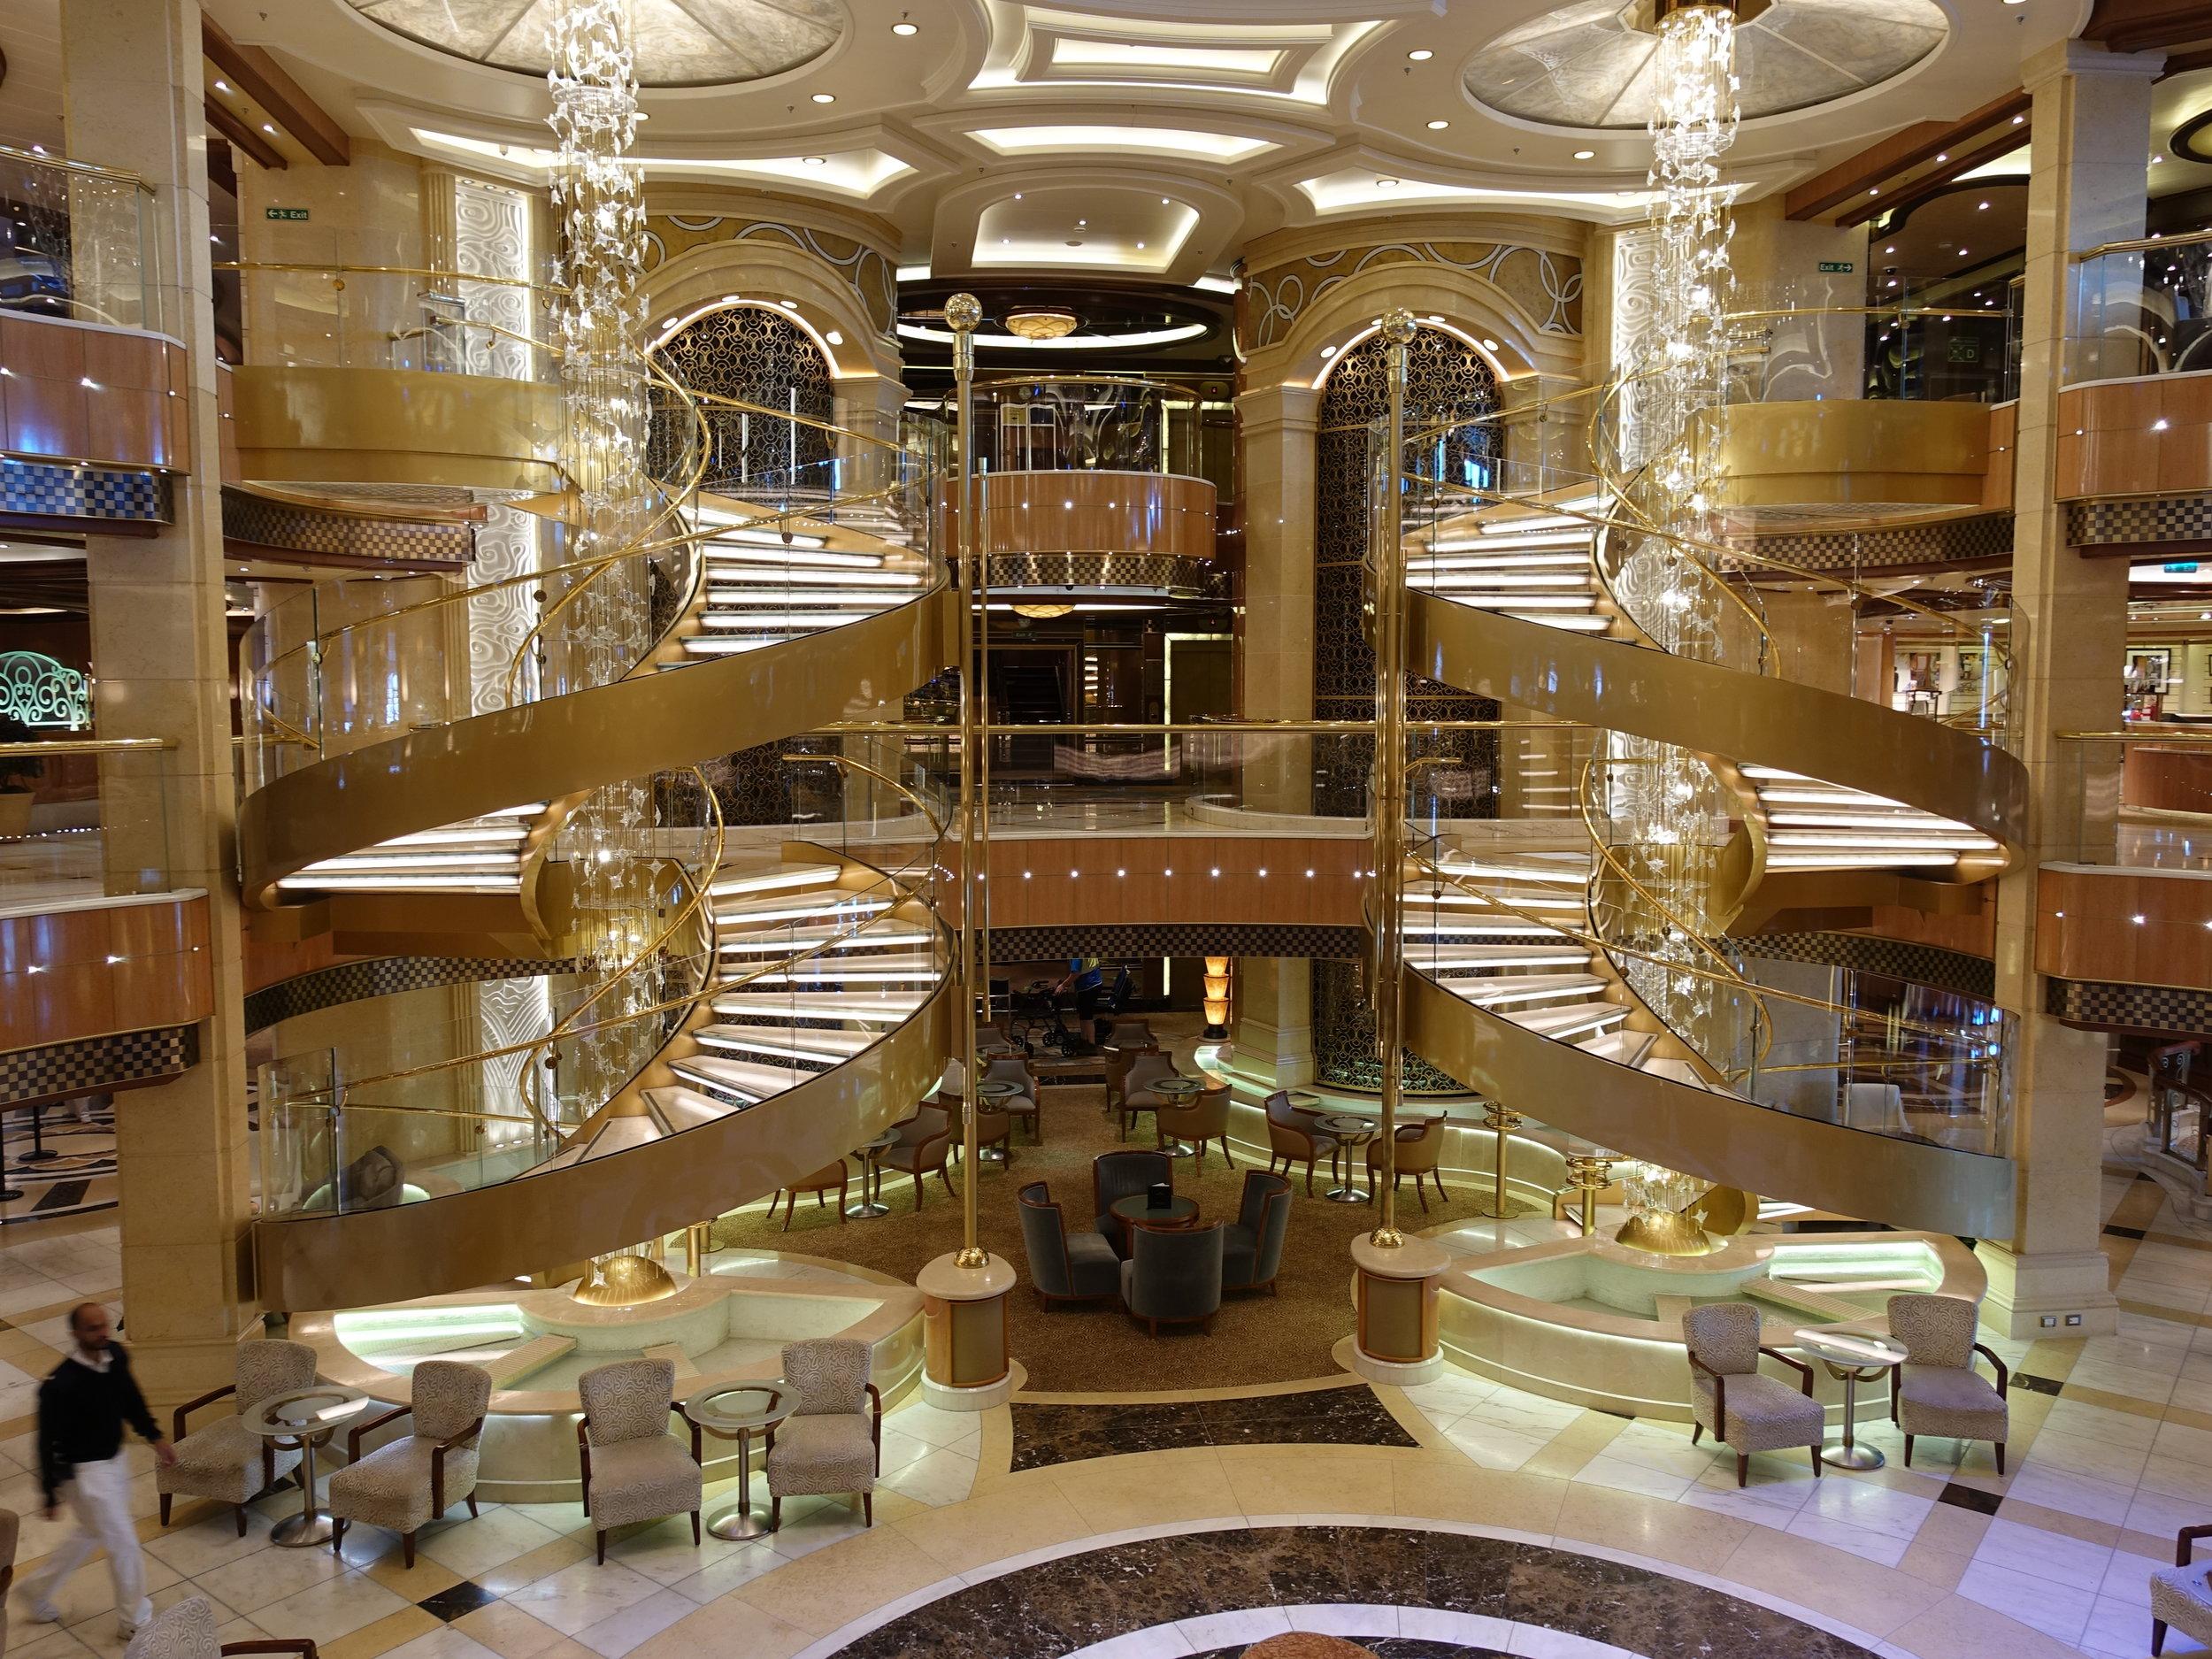 The very 'Royal' atrium.